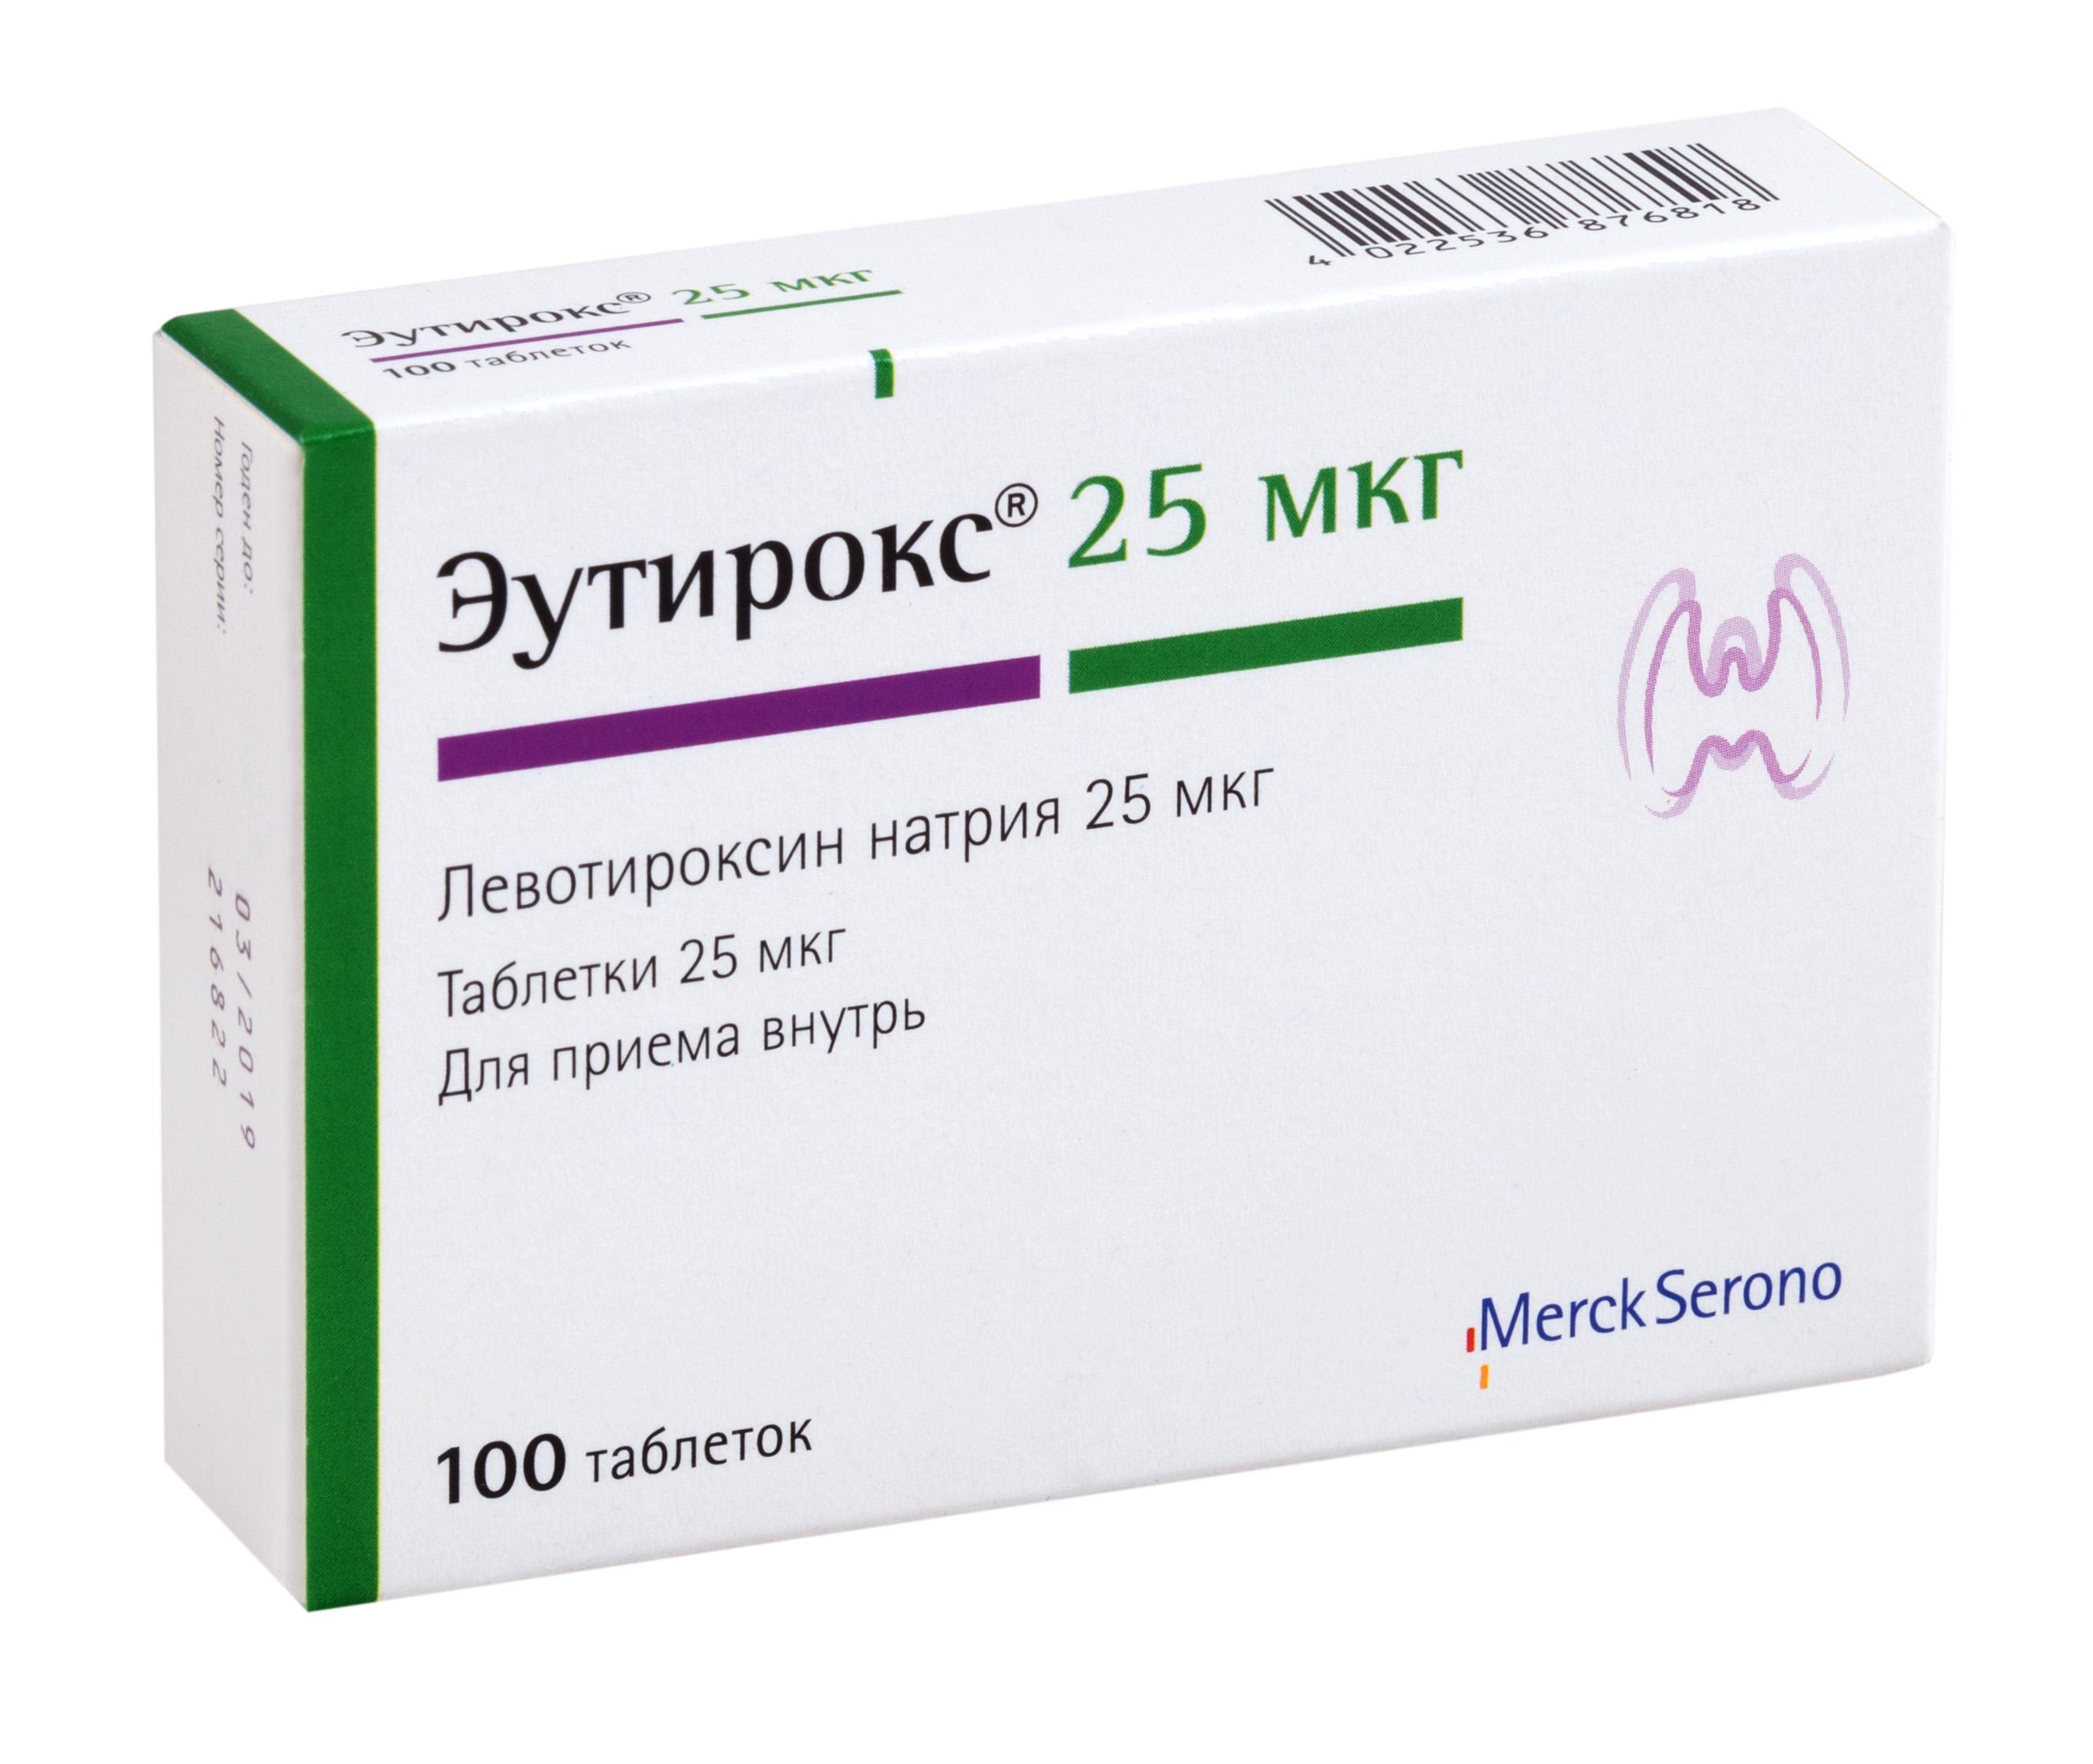 Эутирокс таб. 25мкг n100